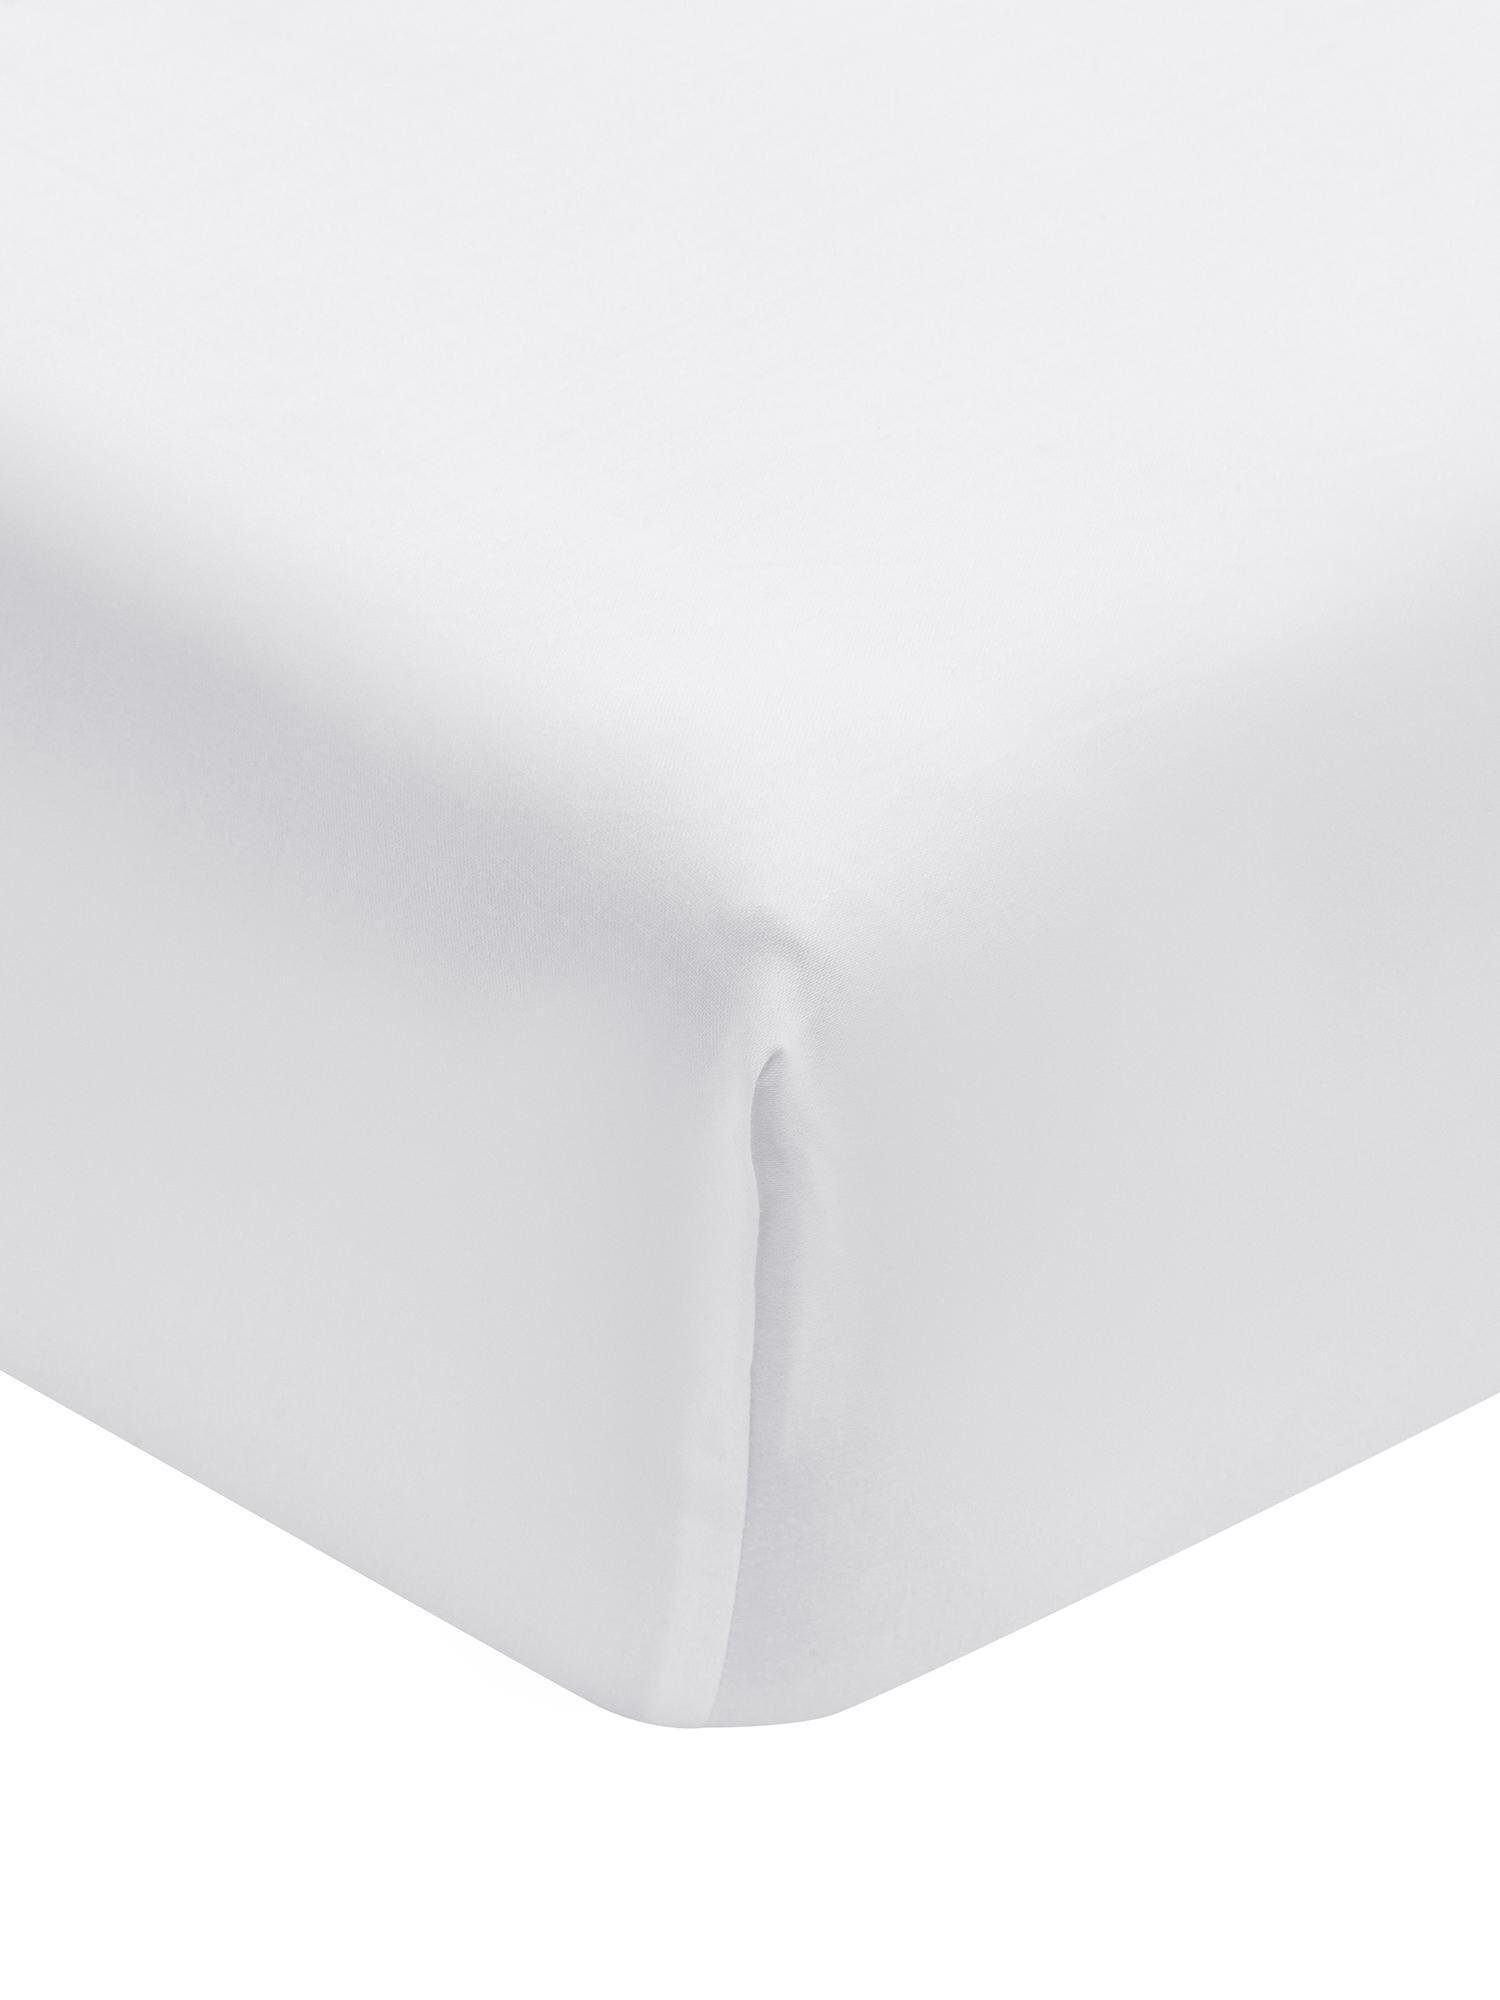 Sábana bajera de satén Premium, Blanco, Cama 180 cm (180 x 200 cm)